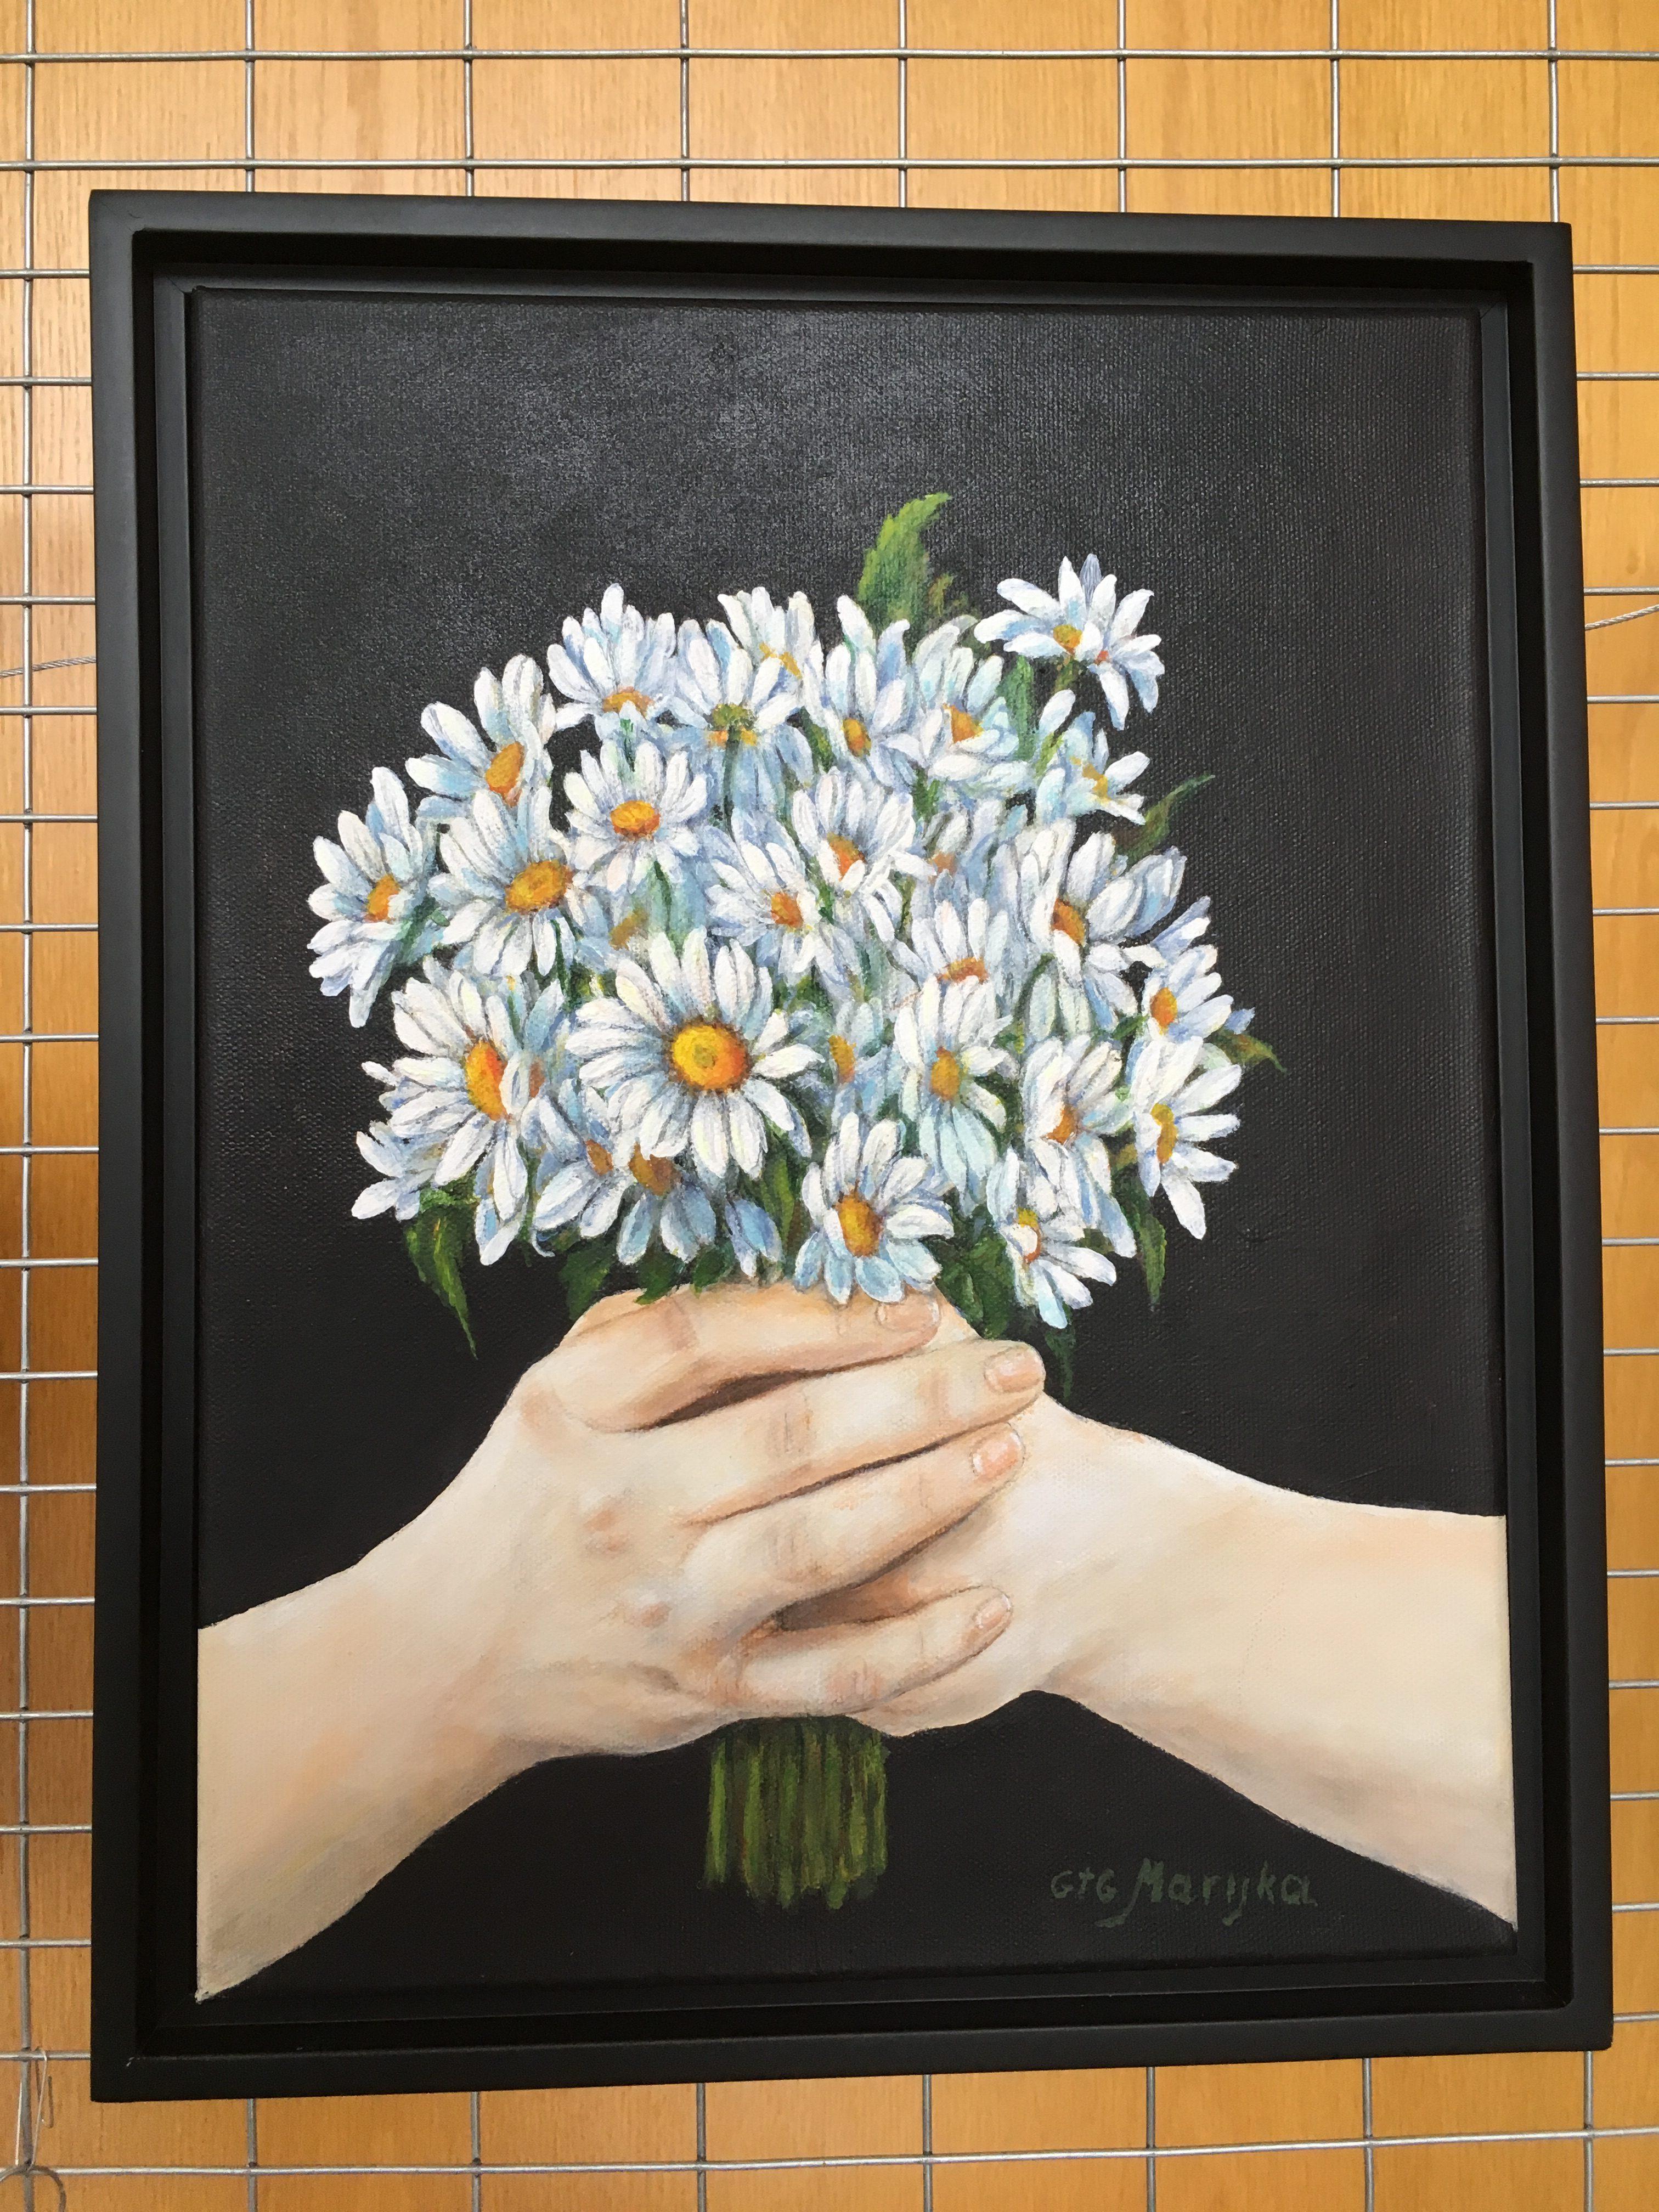 Gift - Maria Vilcinskas